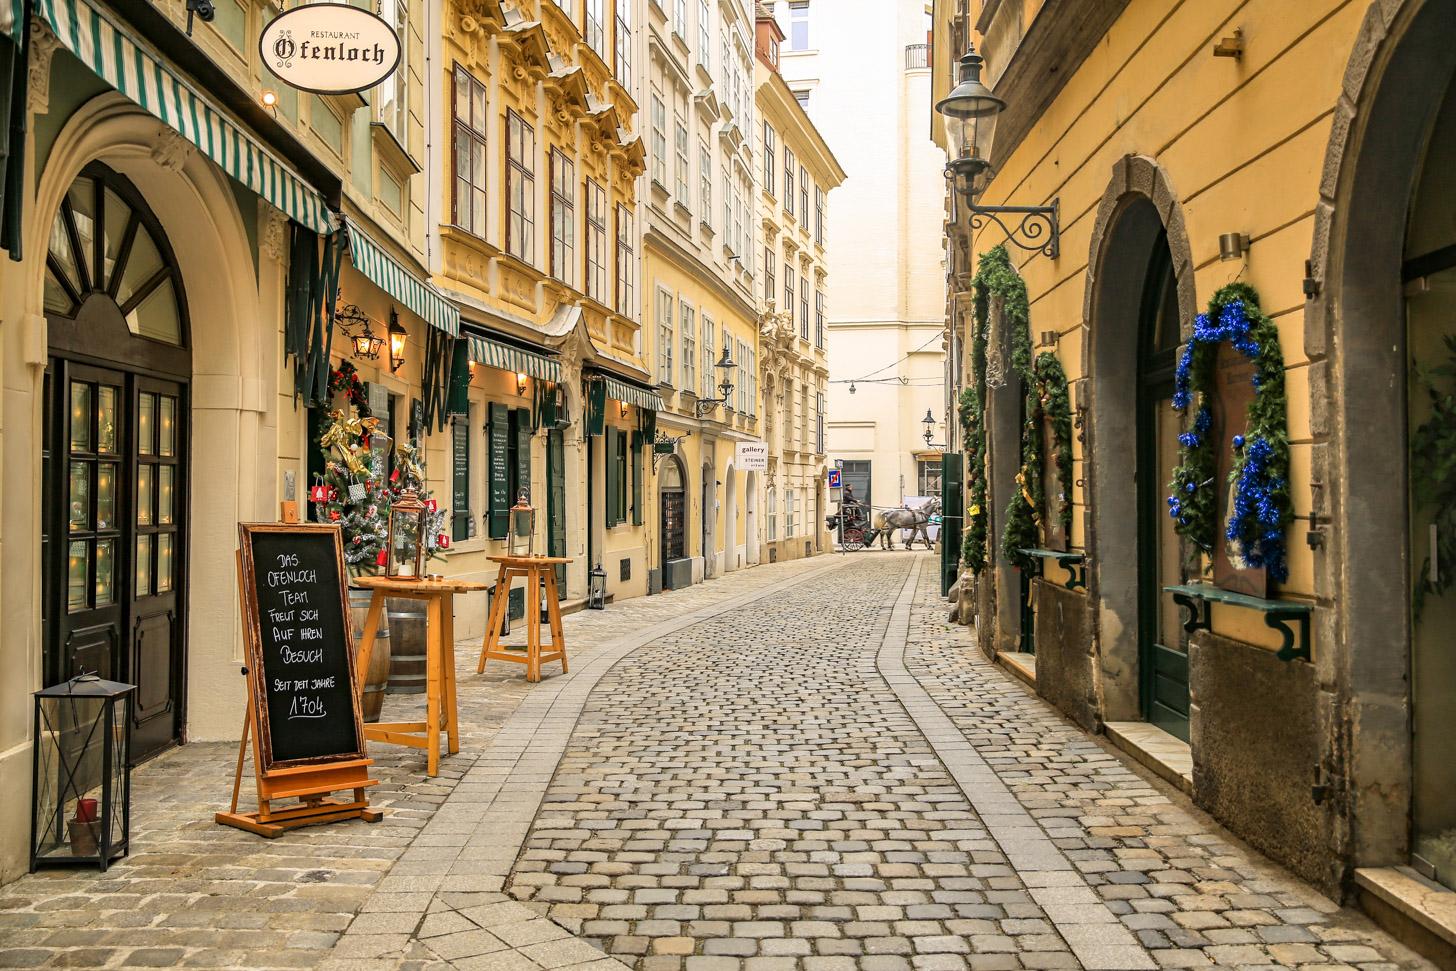 Een straat in het historische centrum van Wenen.